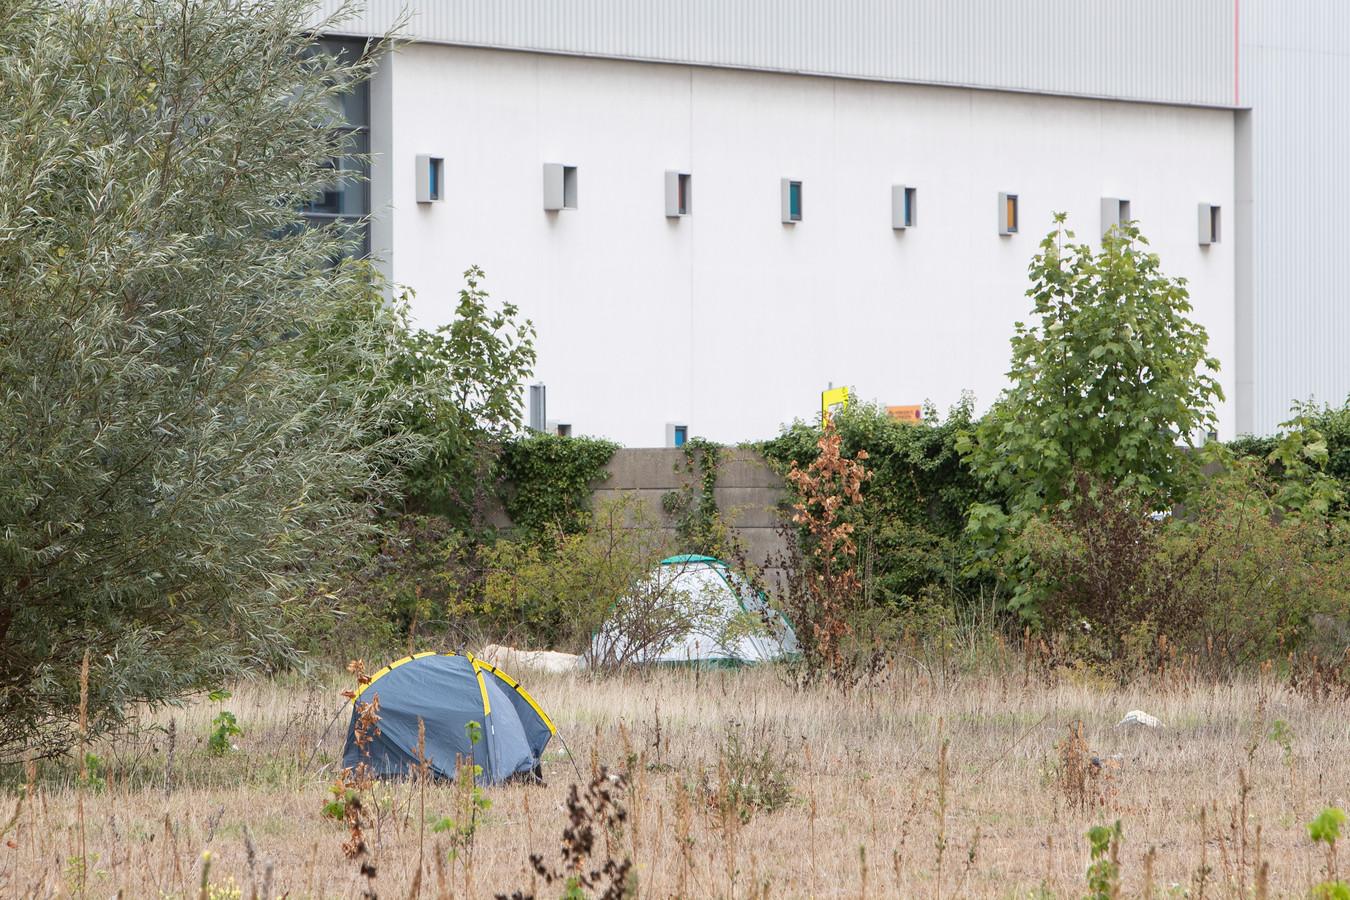 Het aantal tenten op het braakliggende stuk terrein tussen Dreef en Hermesweg is verdubbeld van één naar twee.